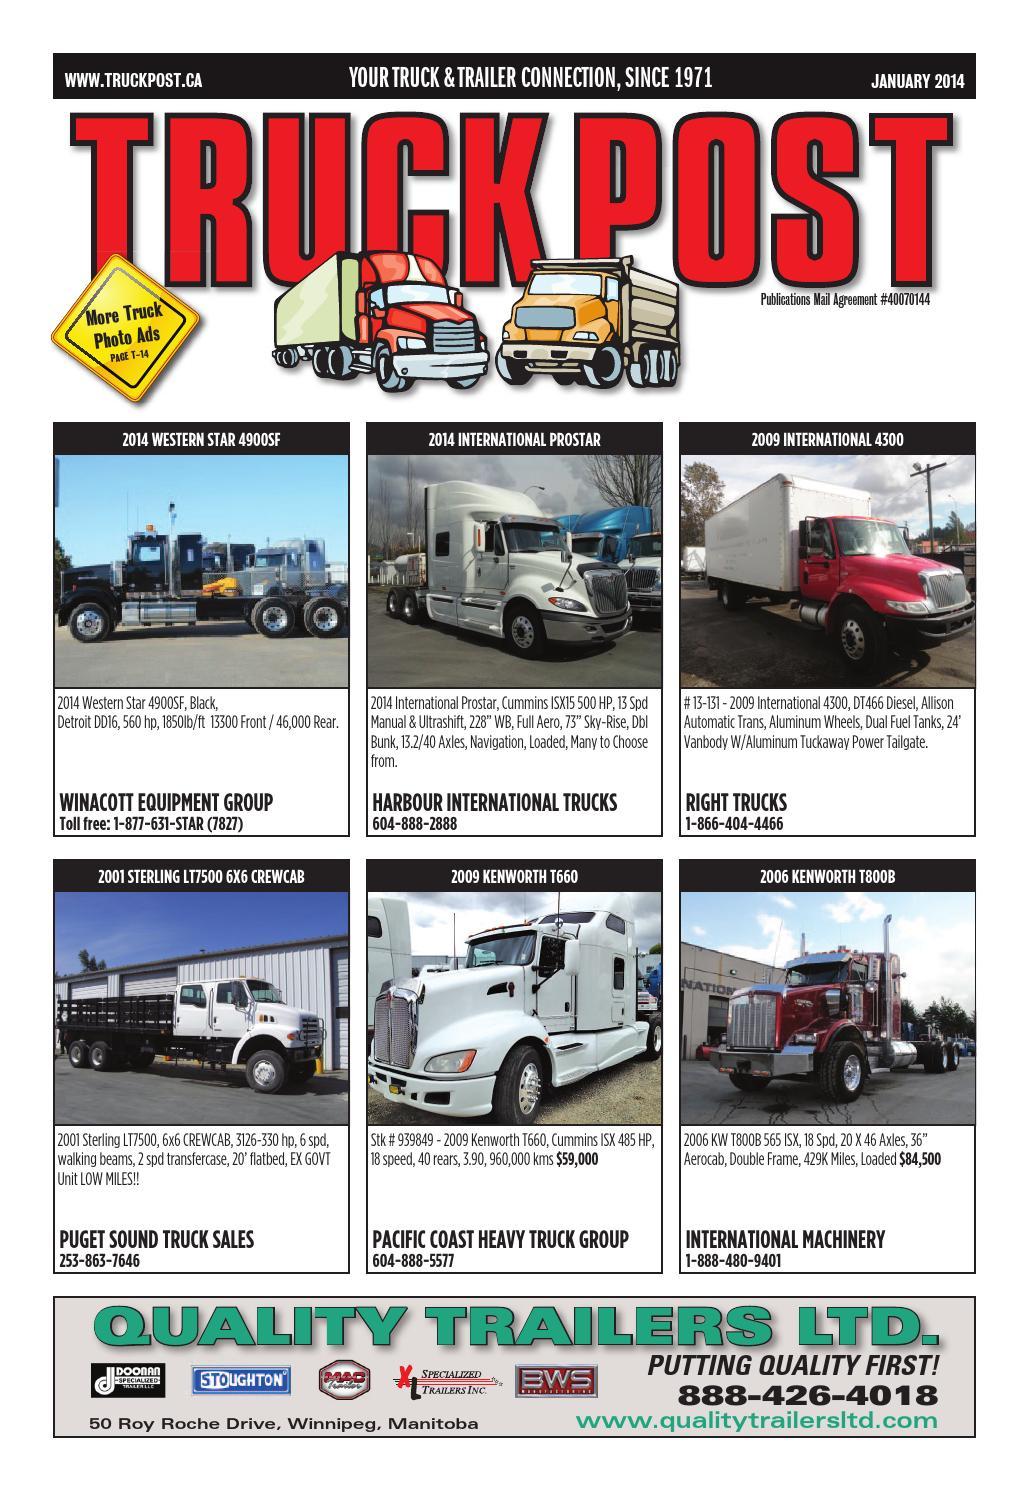 Truck Post Jan 2014